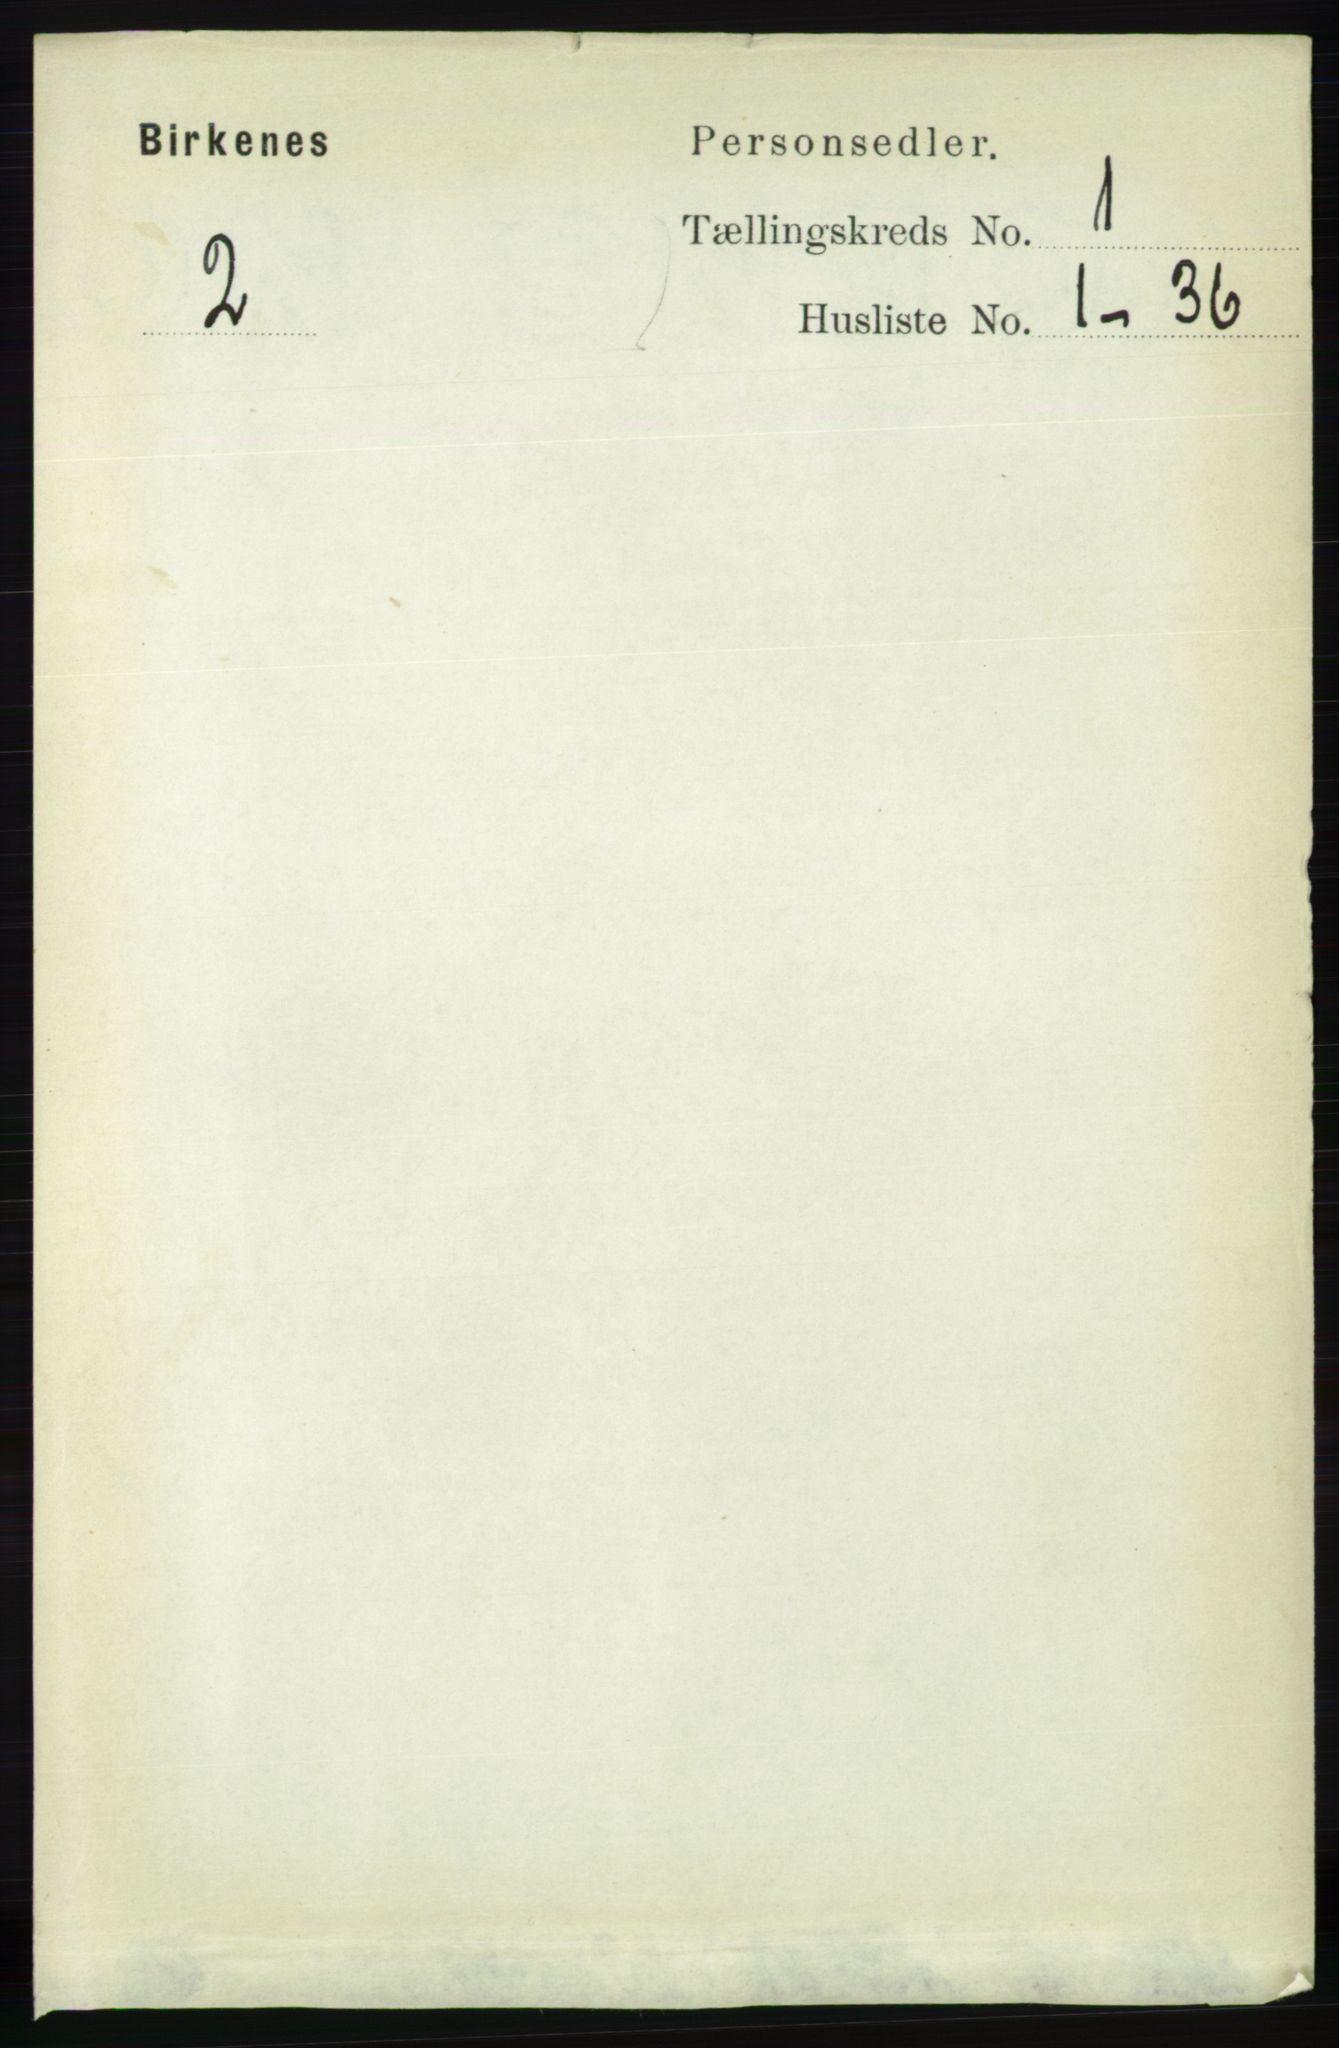 RA, Folketelling 1891 for 0928 Birkenes herred, 1891, s. 92